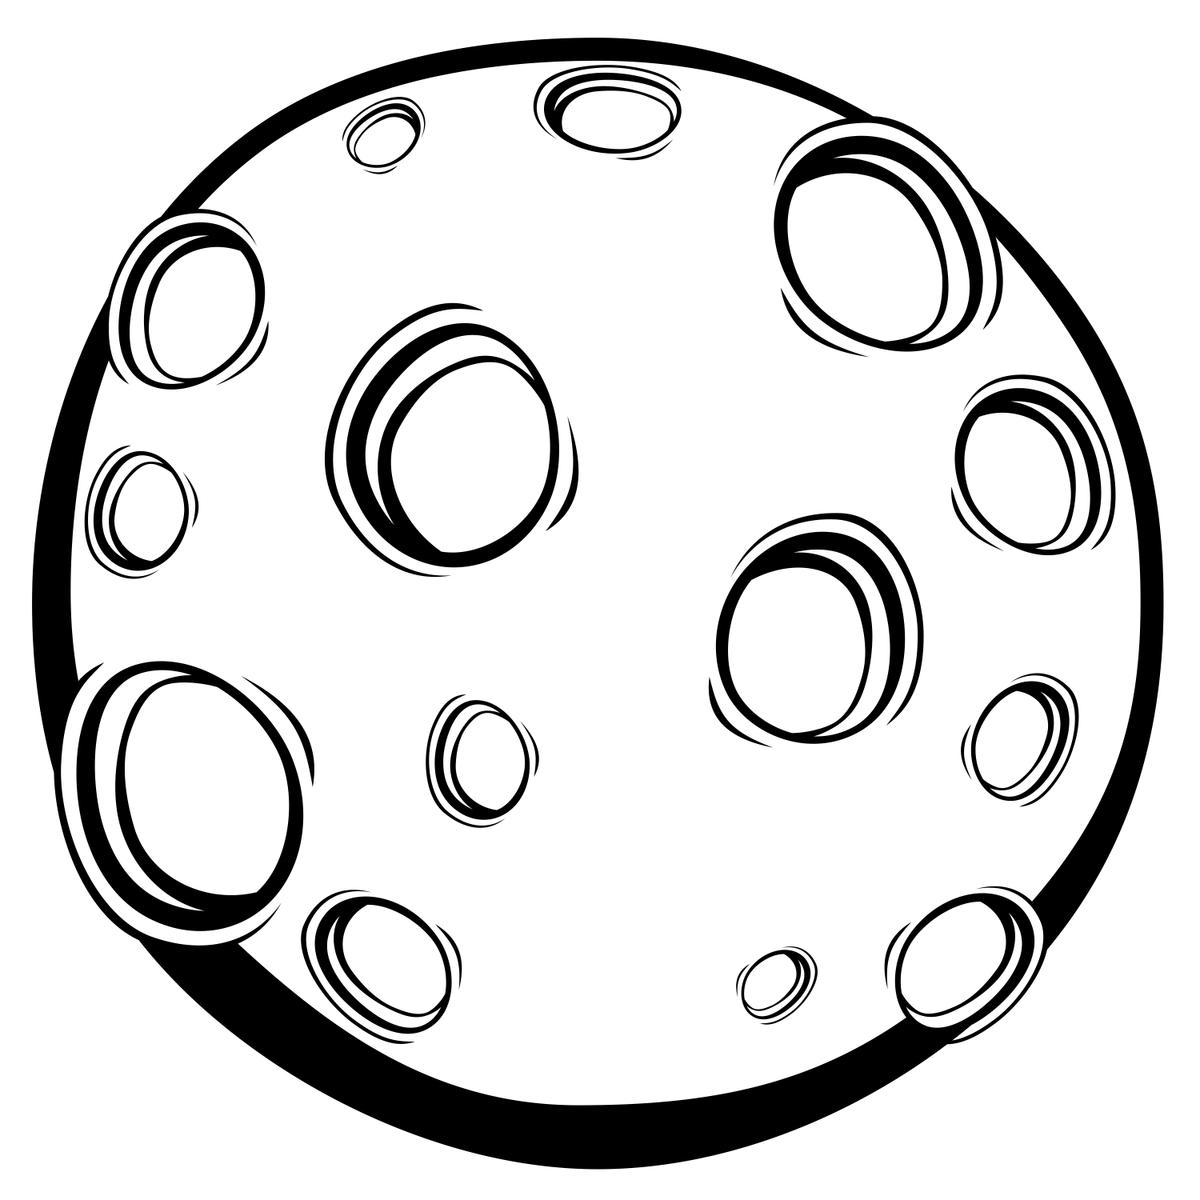 Планеты черно-белые картинки